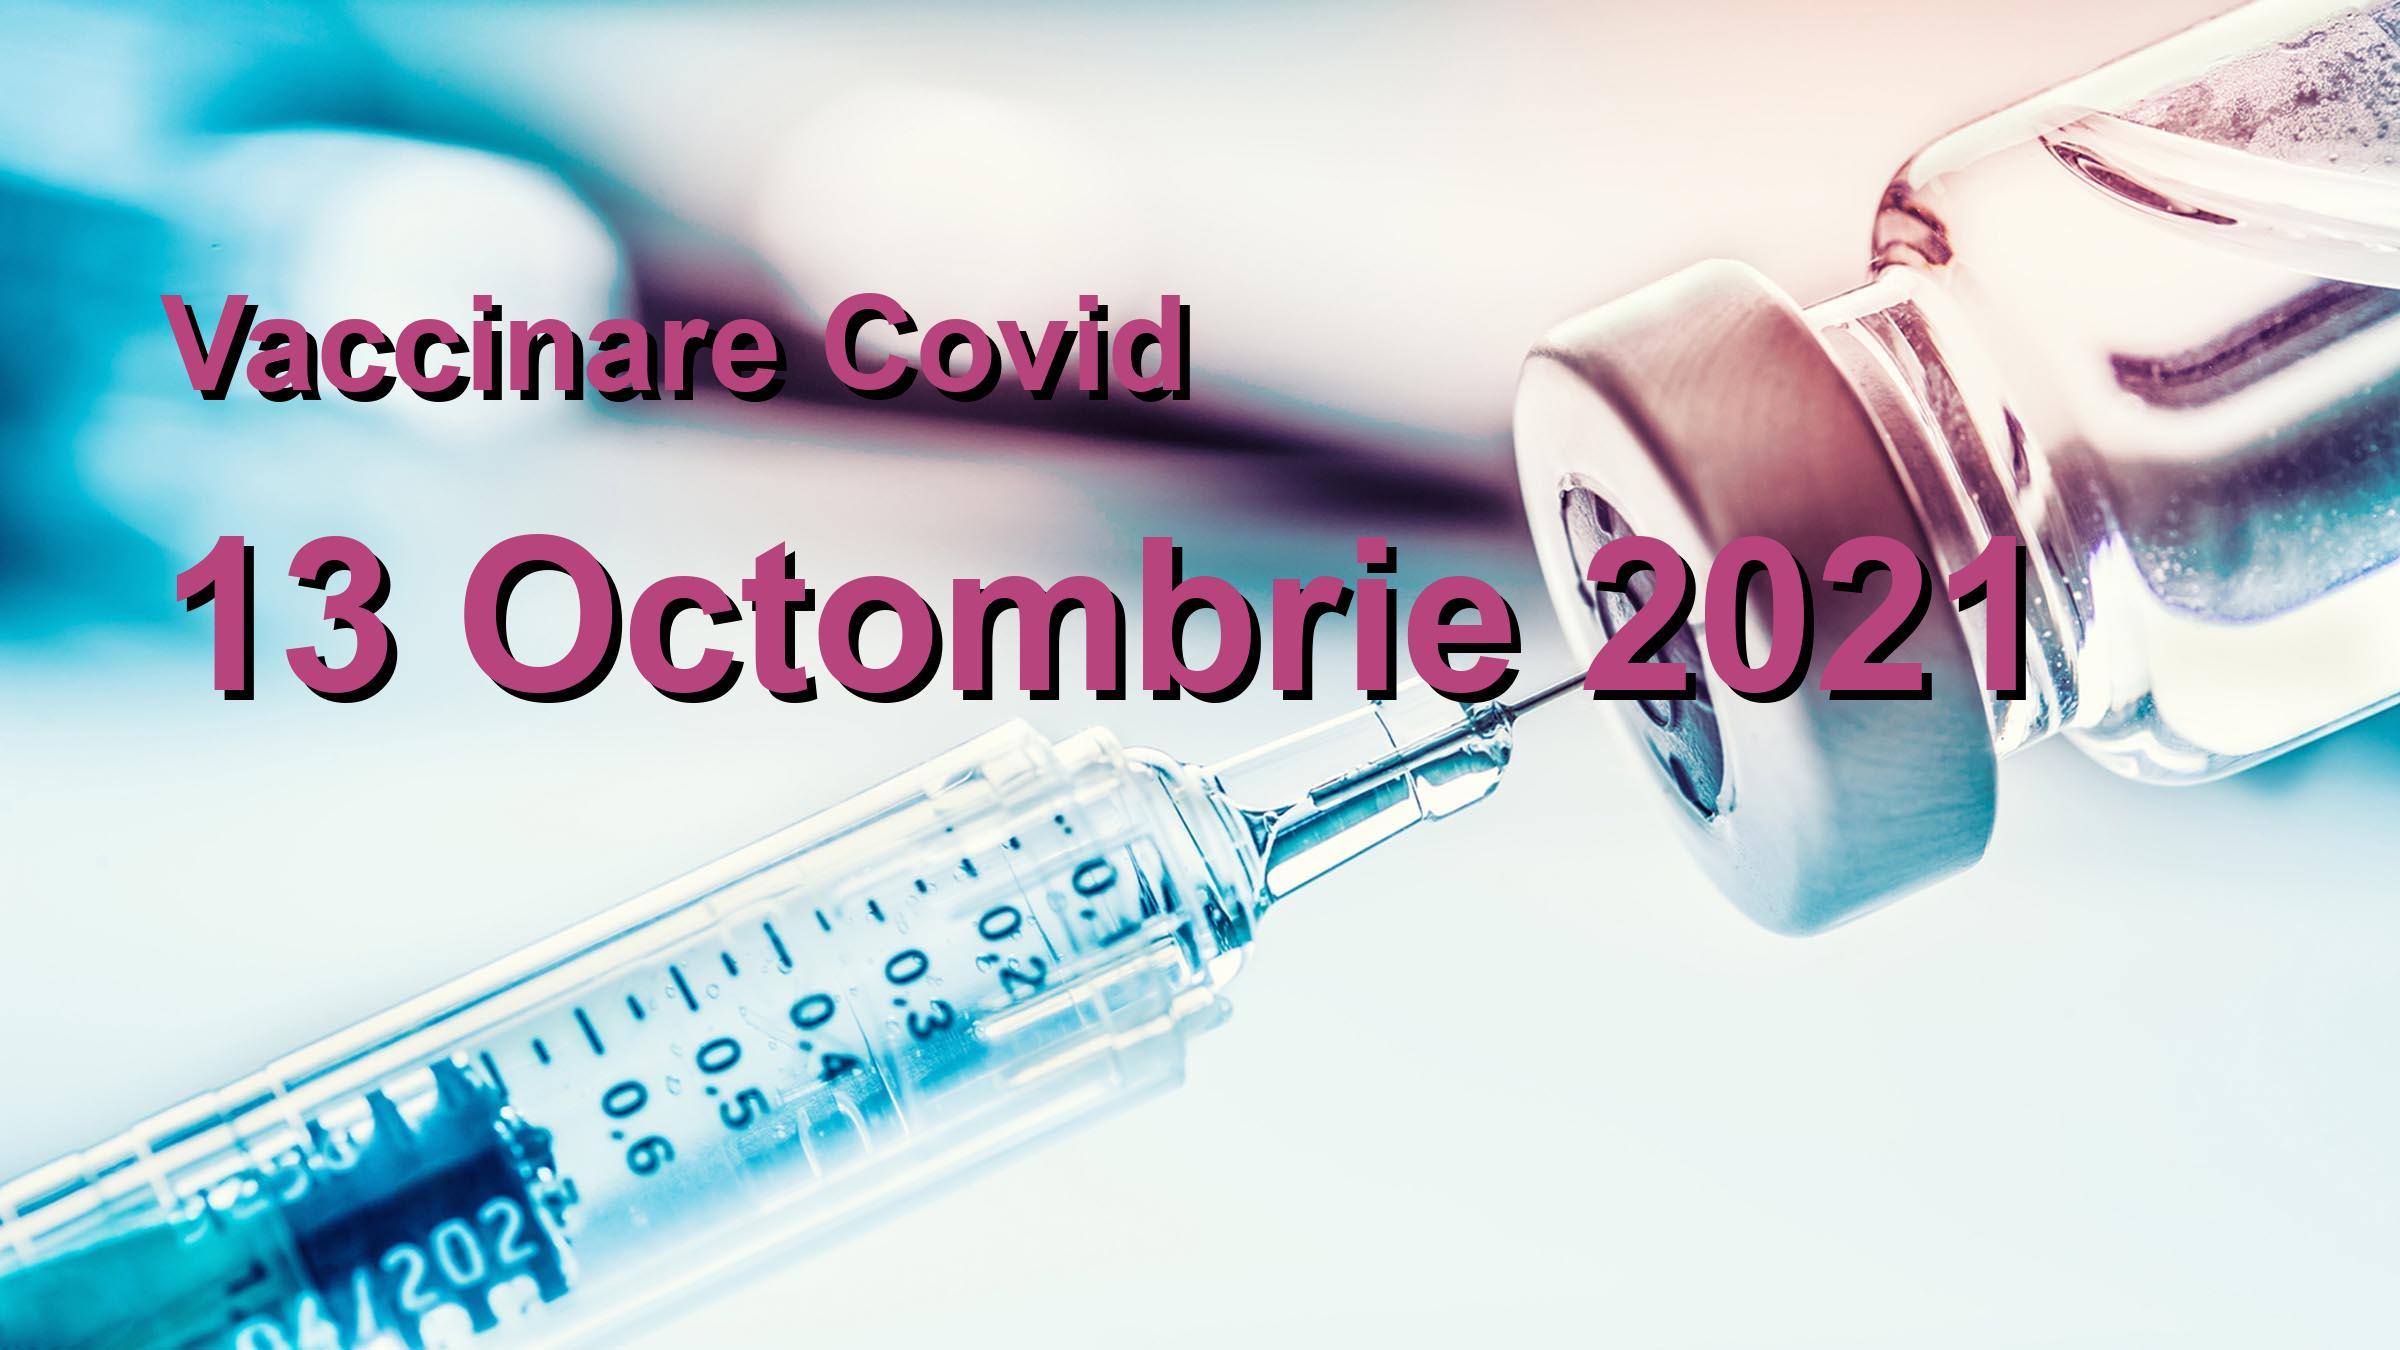 Campanie vaccinare Covid-19 pentru 13 Octombrie 2021: 60126 persoane vaccinate. | Vaccin Covid-19 Romania